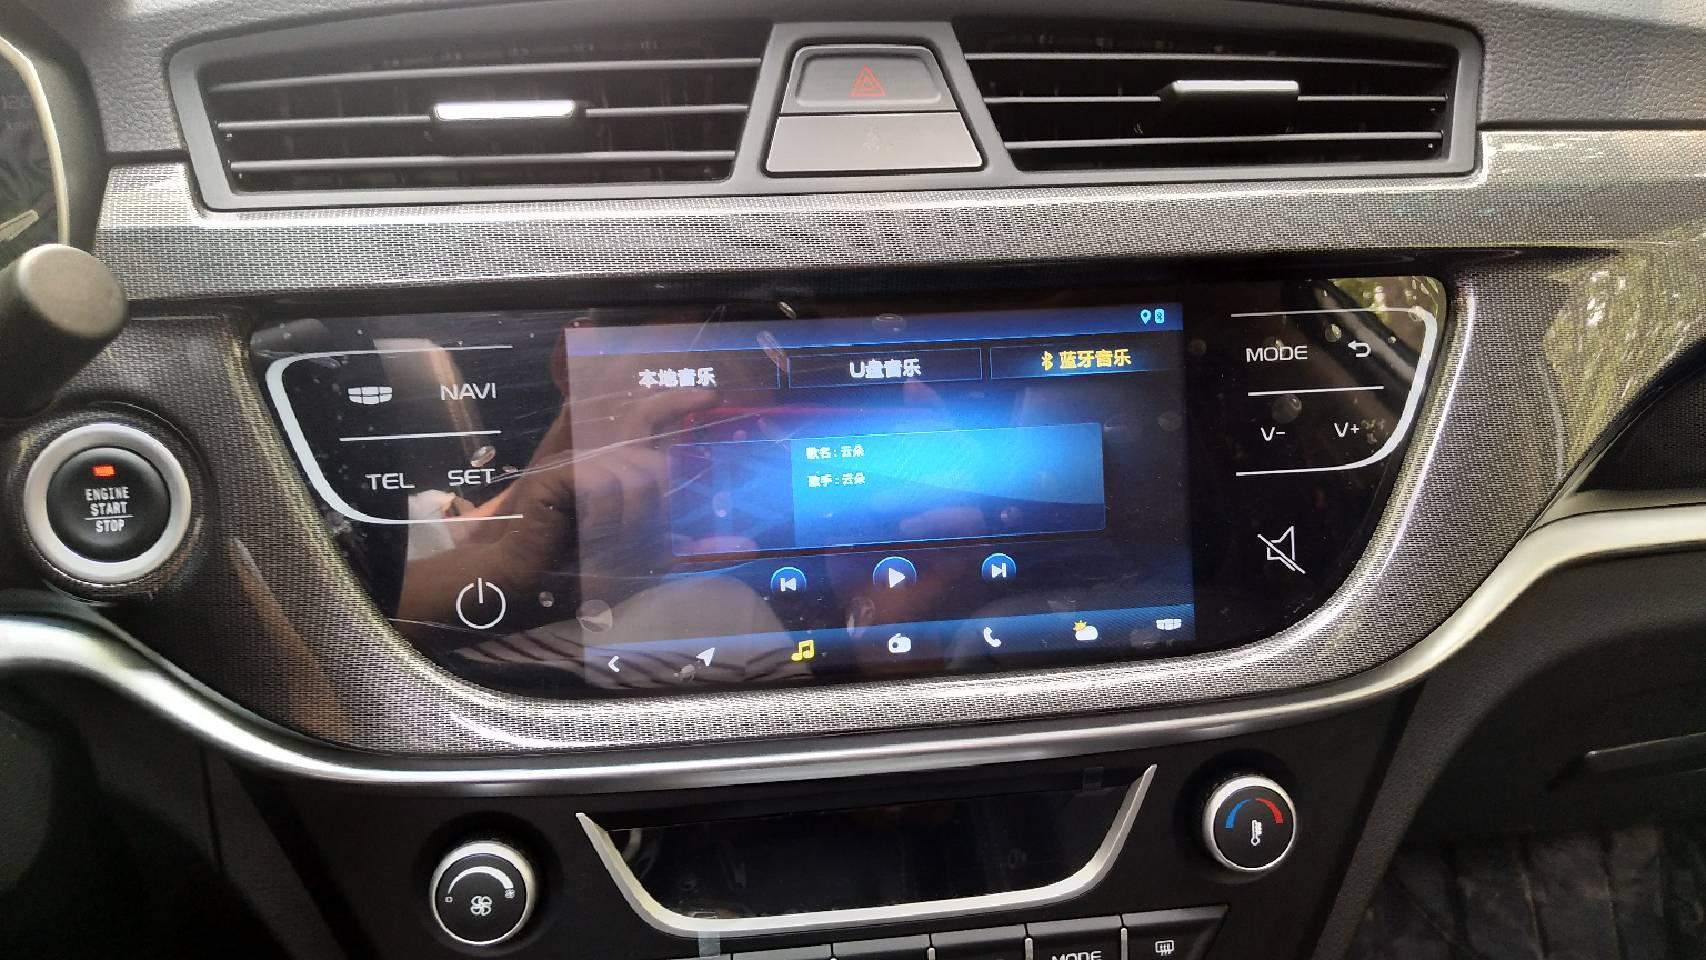 吉利汽车 帝豪 2015款 三厢 1.5L 手动向上版,吉利百万台的车型